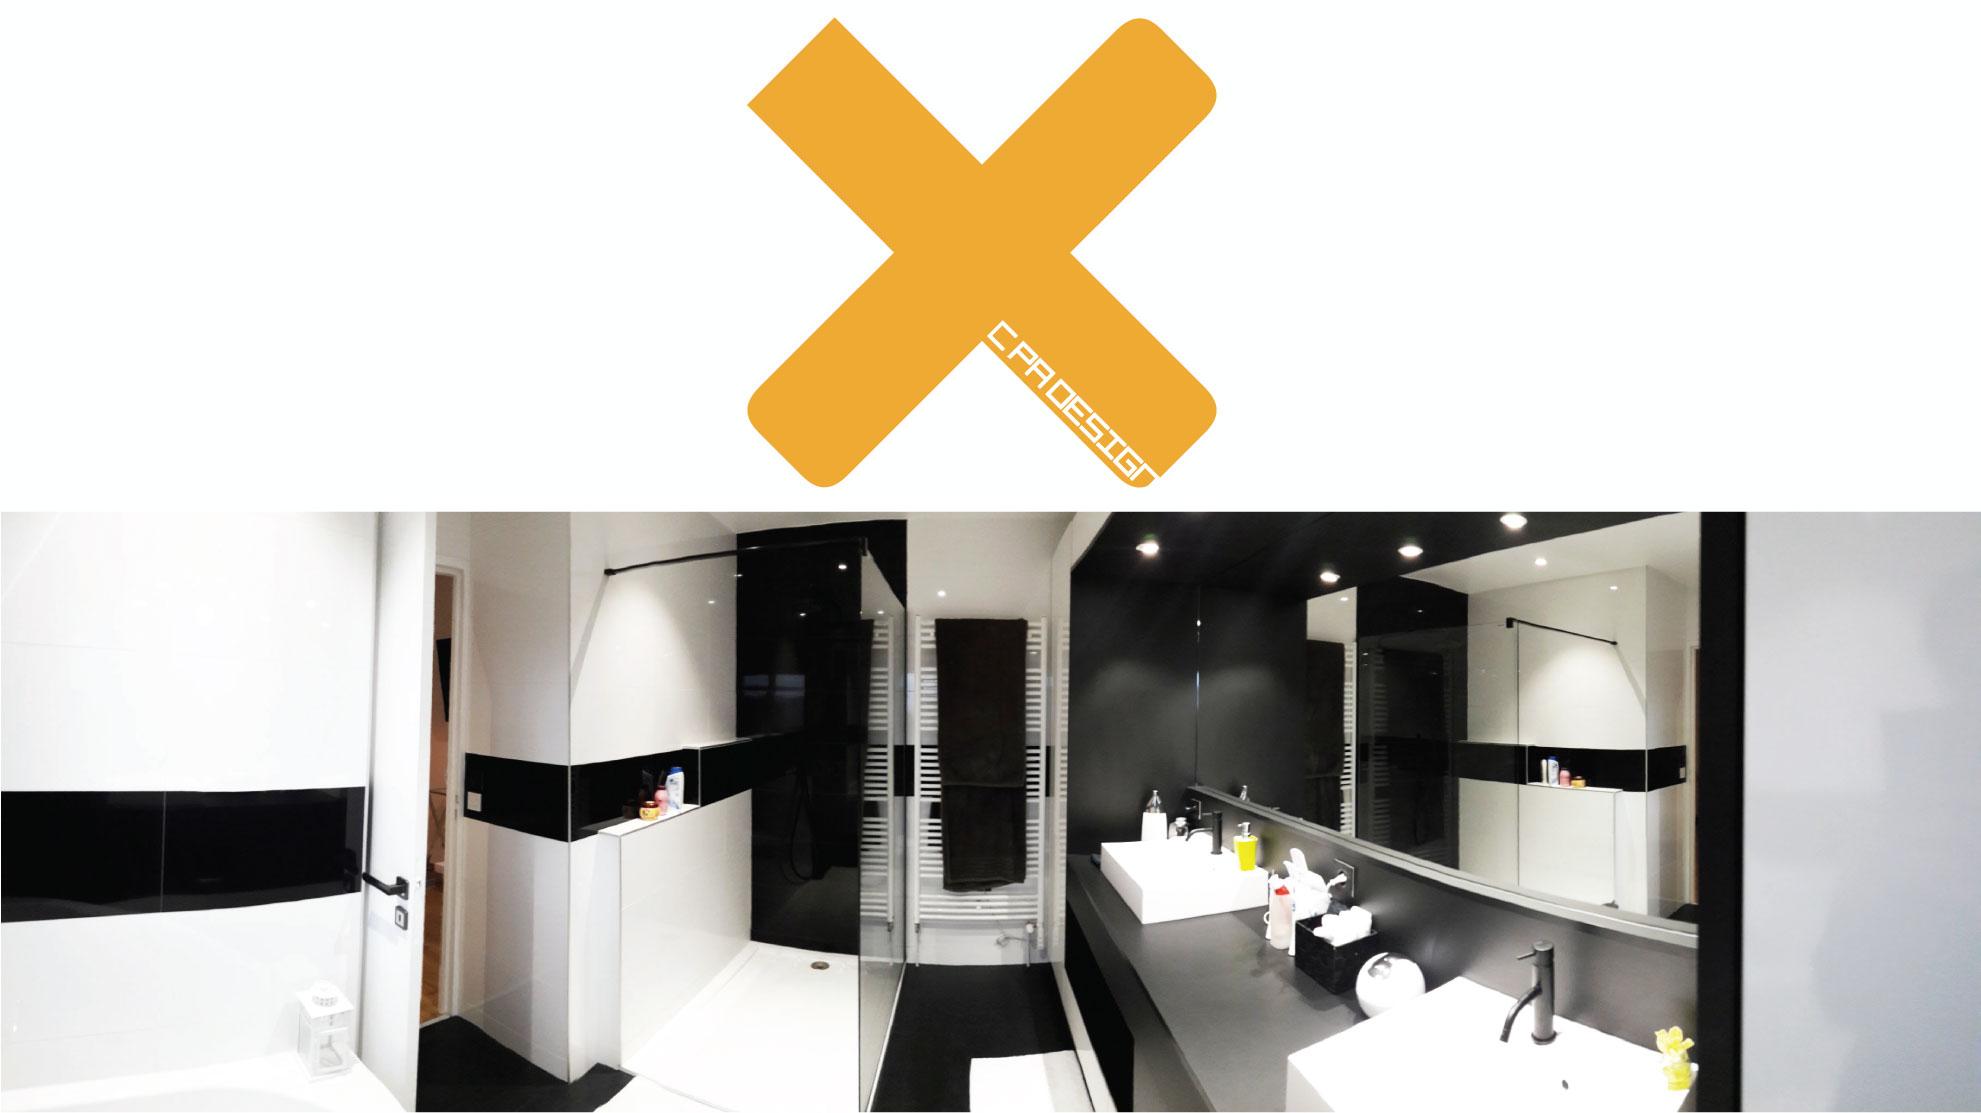 c_pa_design_produit_design_mobilier_realisation_architecture-interieure-chantier-suivi